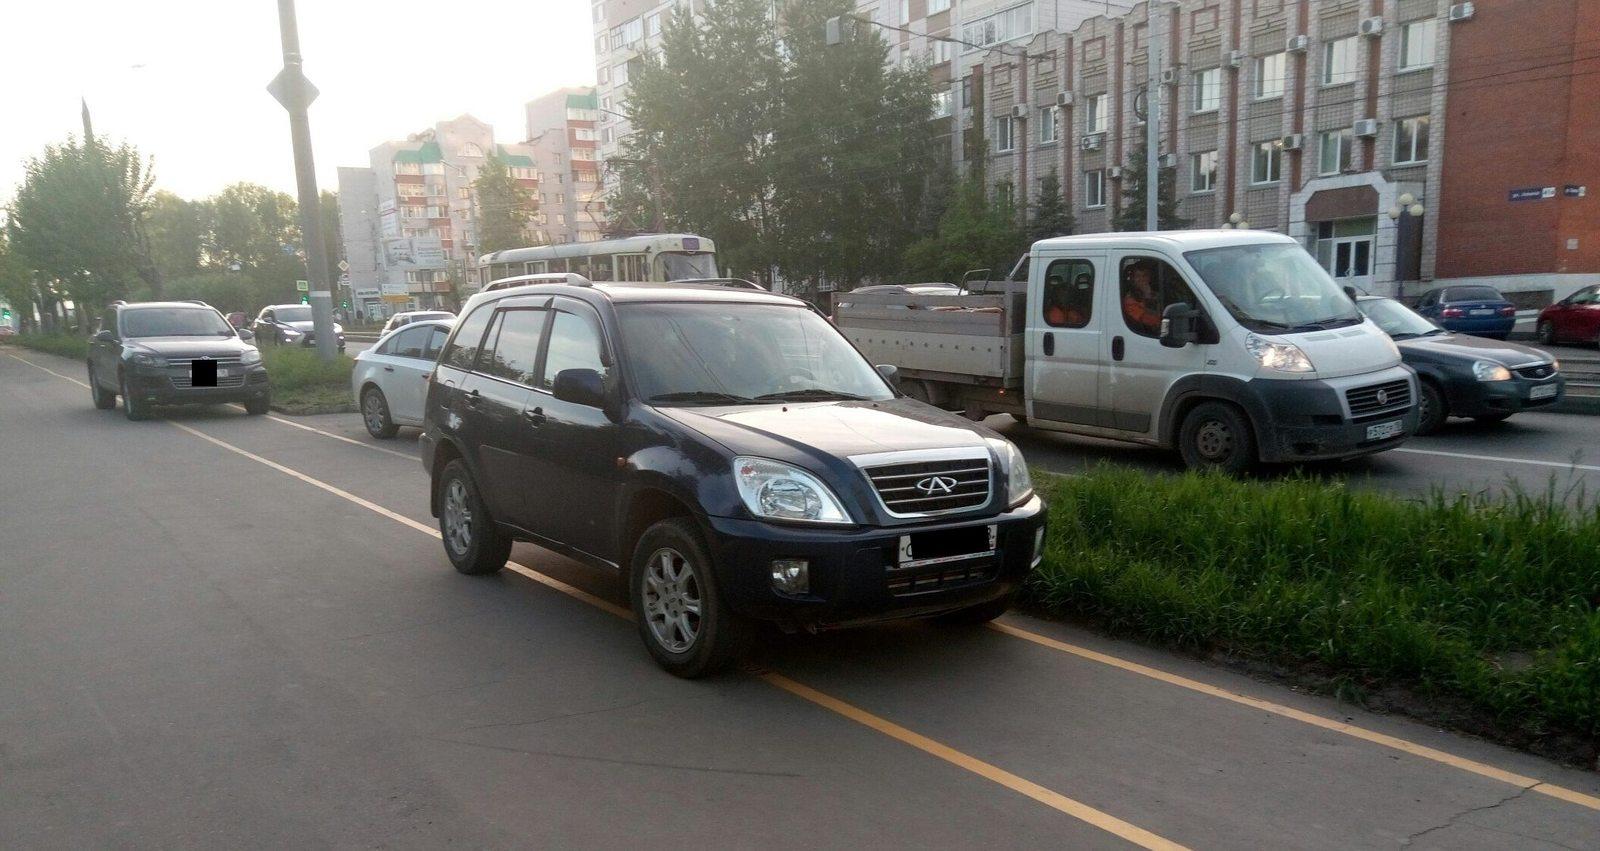 Неправильная парковка фото в гибдд сервис